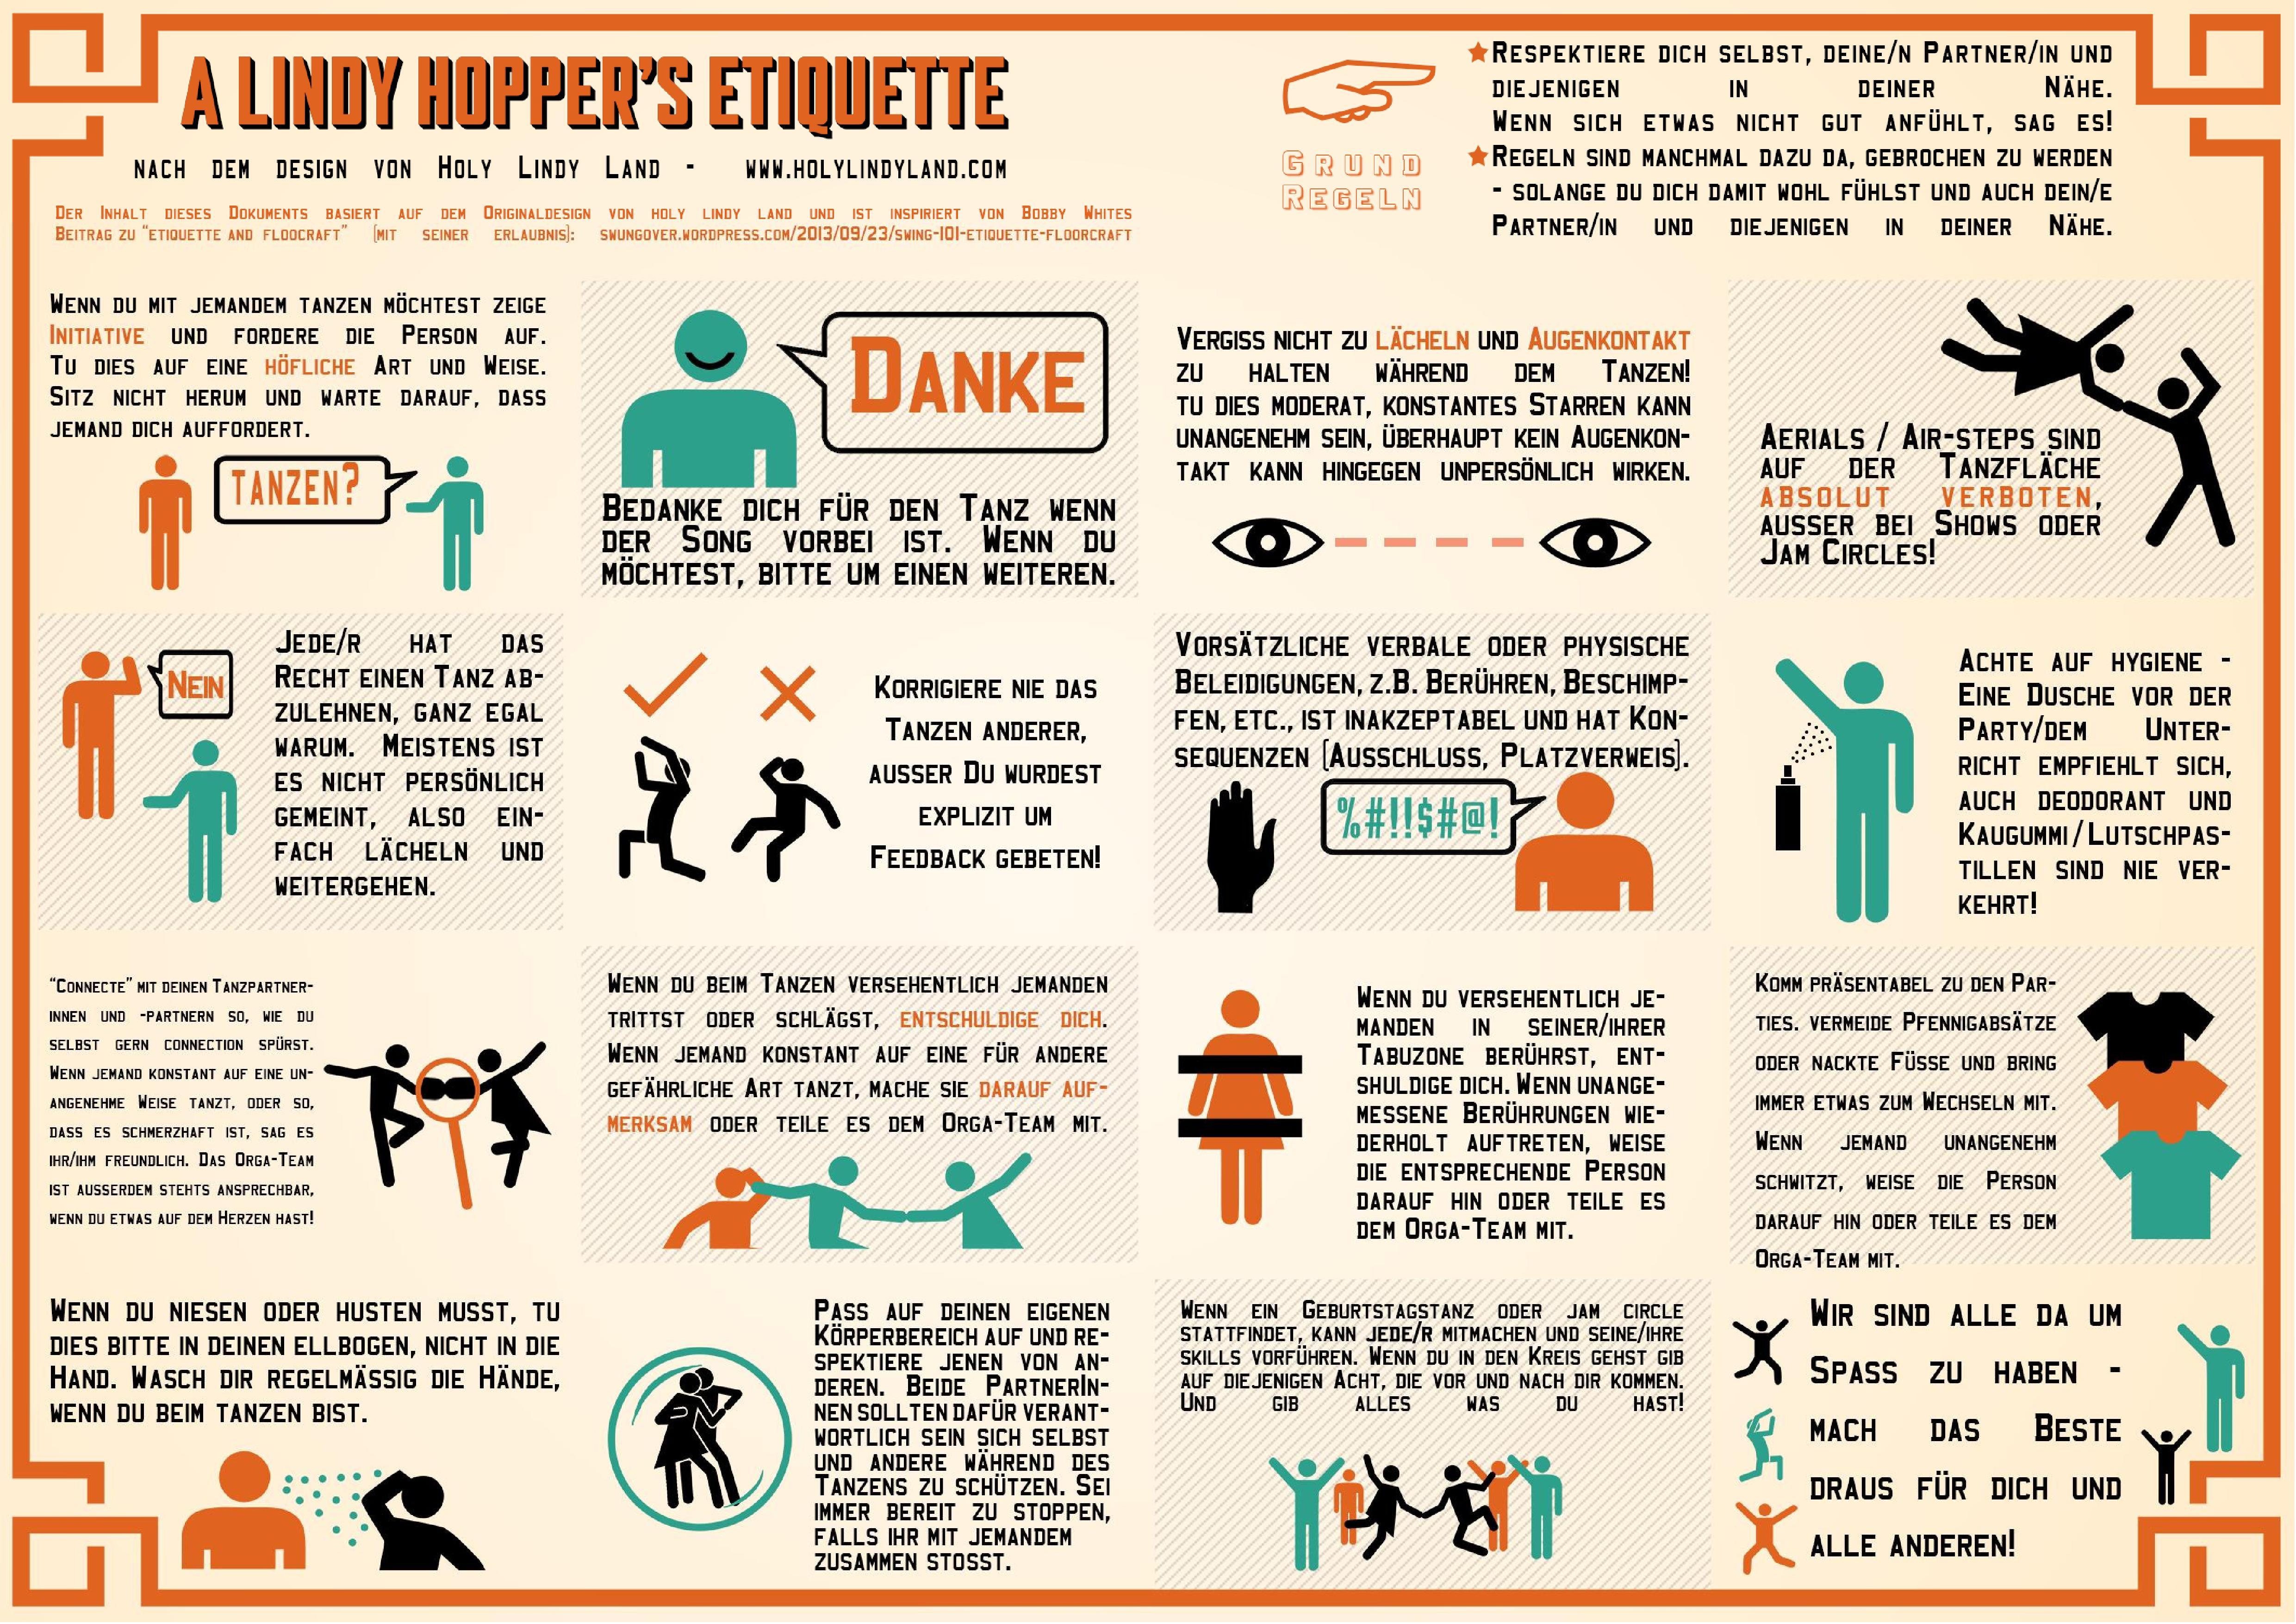 Etiquette_GER_2-page-001